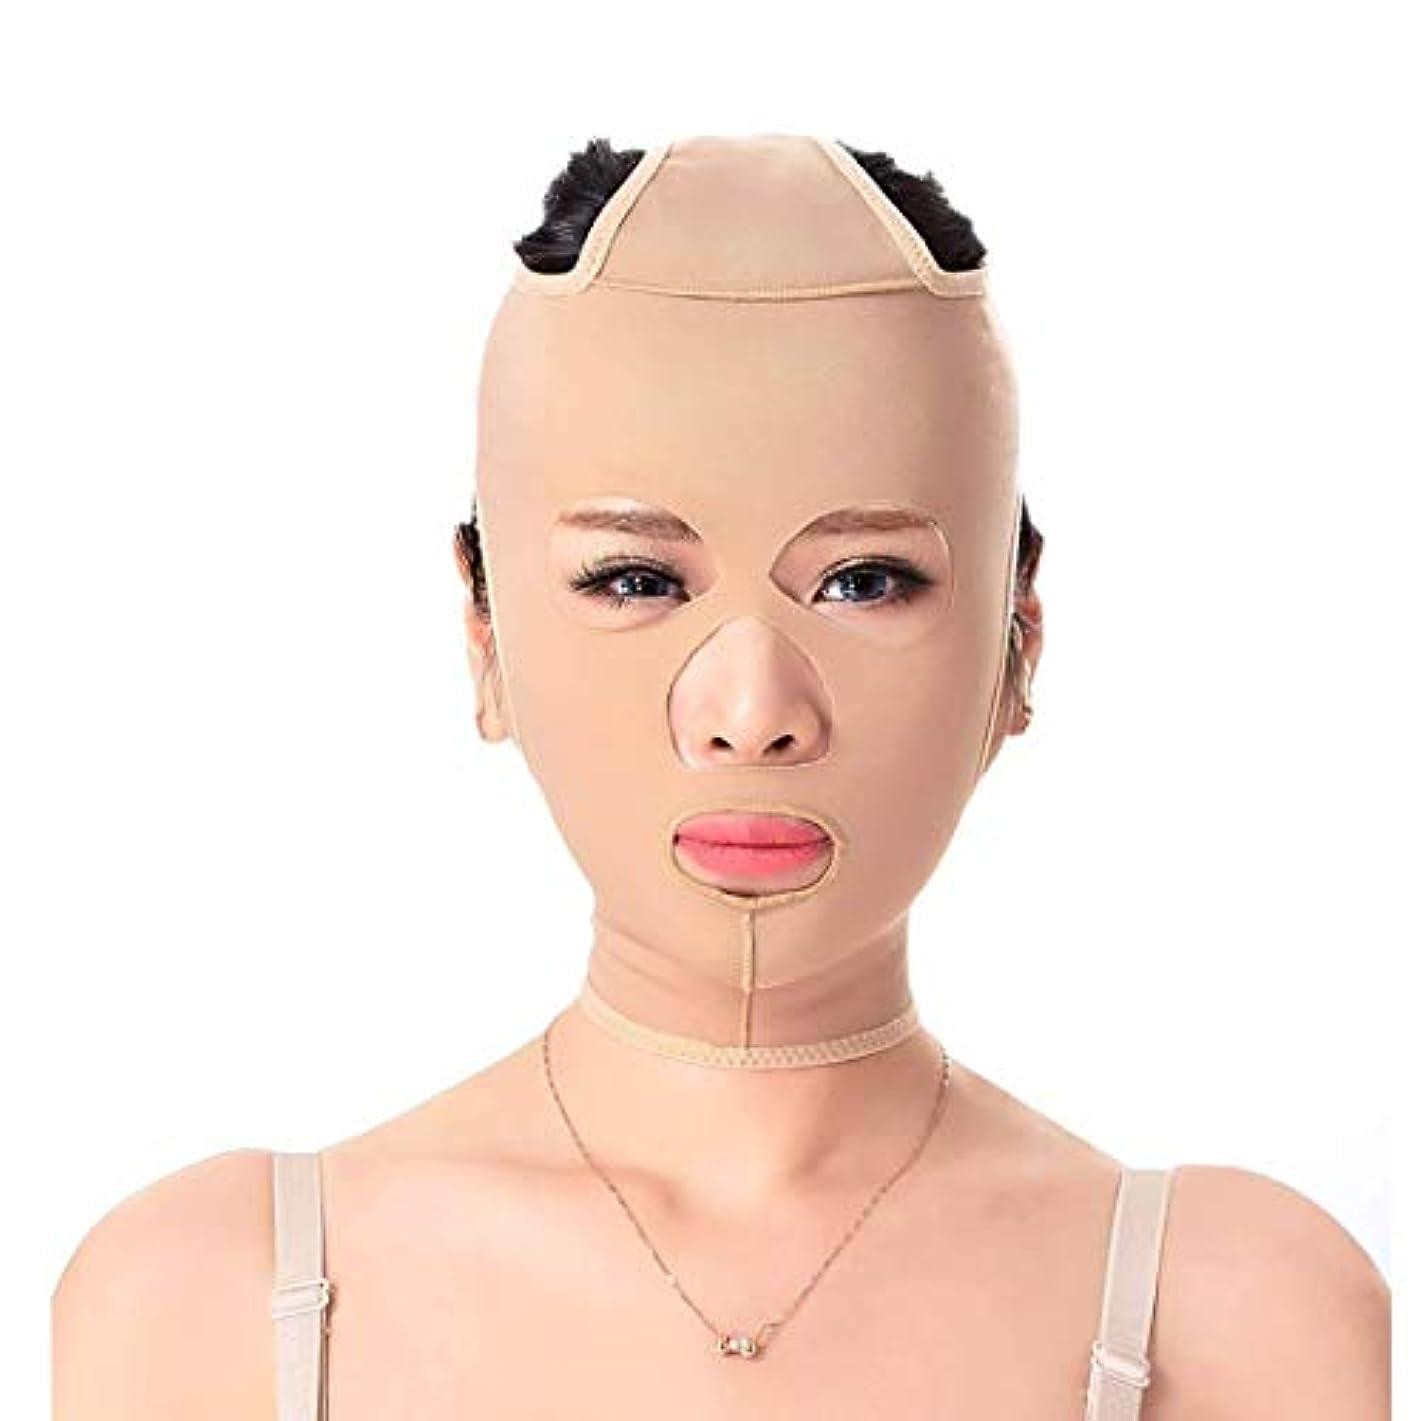 インセンティブインターネット喜劇スリミングベルト、フェイシャルマスクフェイスマスクフェイスプラスチック顔アーティファクト強力な顔の包帯を引き締めるダブルあごを持ち上げるパターンを布布する(サイズ:Xl)